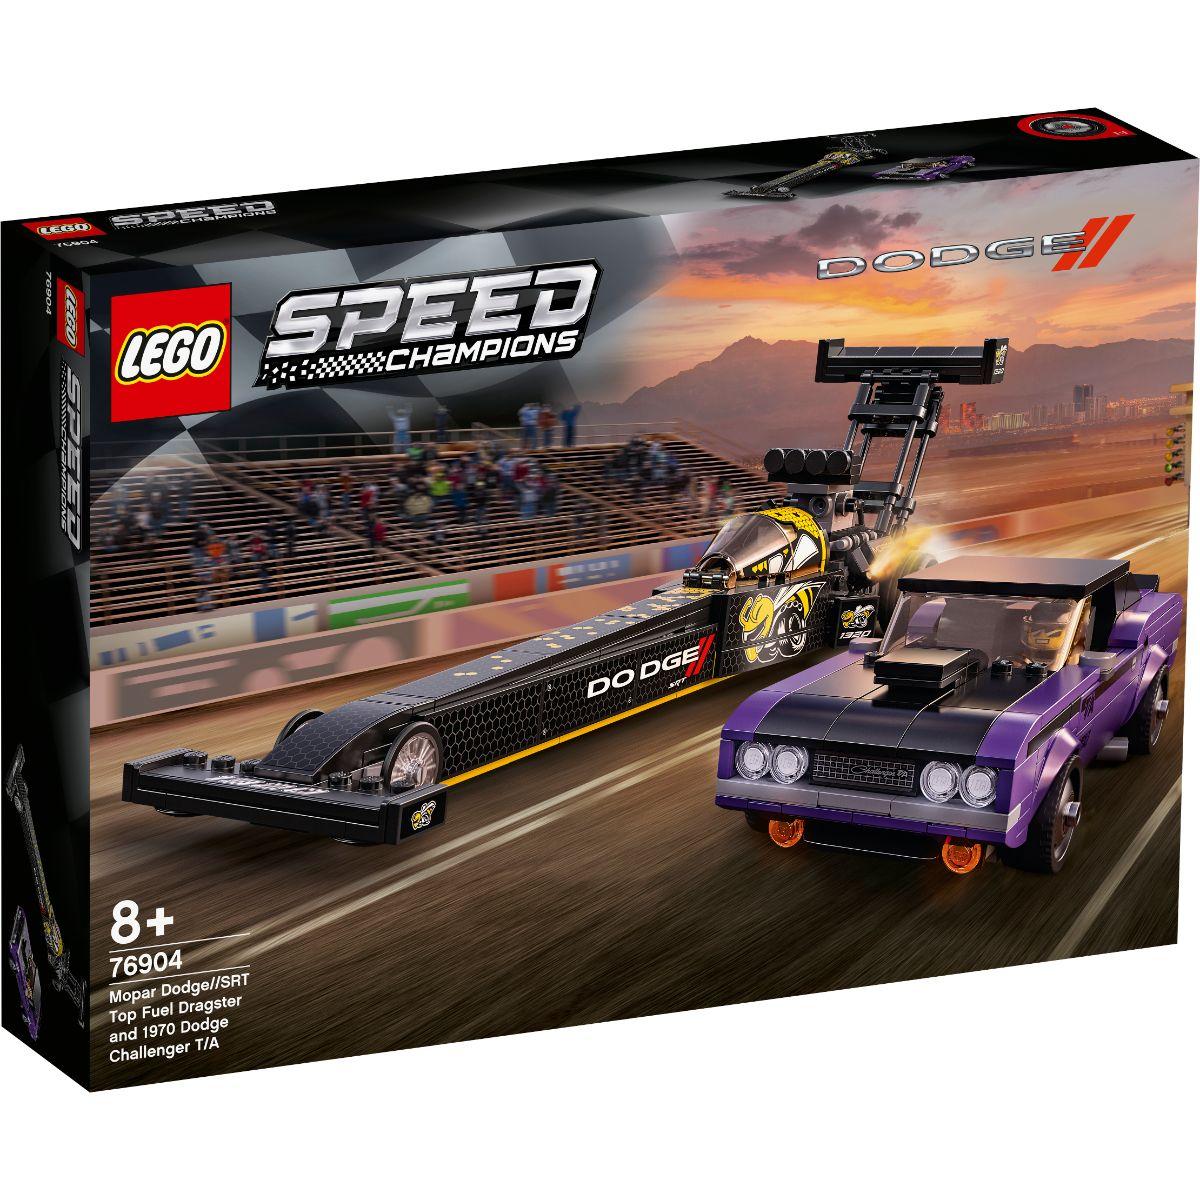 LEGO® Speed Champions - Mopar Dodge Srt Top Fuel Dragster si 1970 Dodge Challenger (76904)